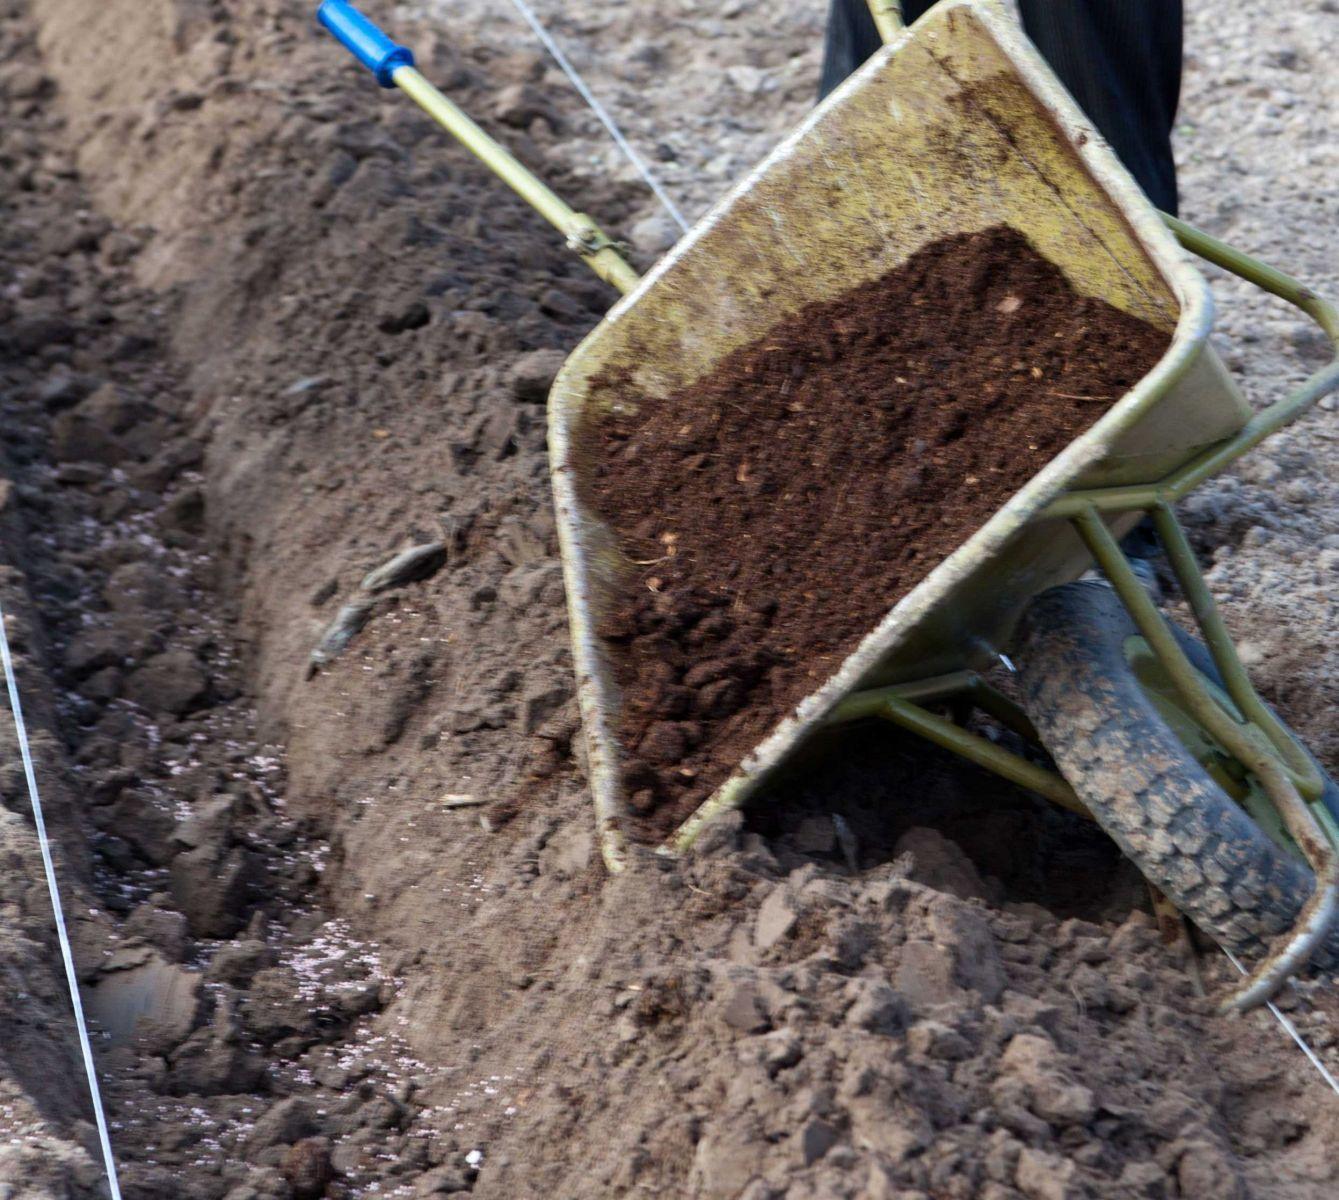 Перед посадкой у саженцев удаляют поврежденные и сломанные корни. Корневую систему лиственных пород следует выдержать в воде несколько часов.